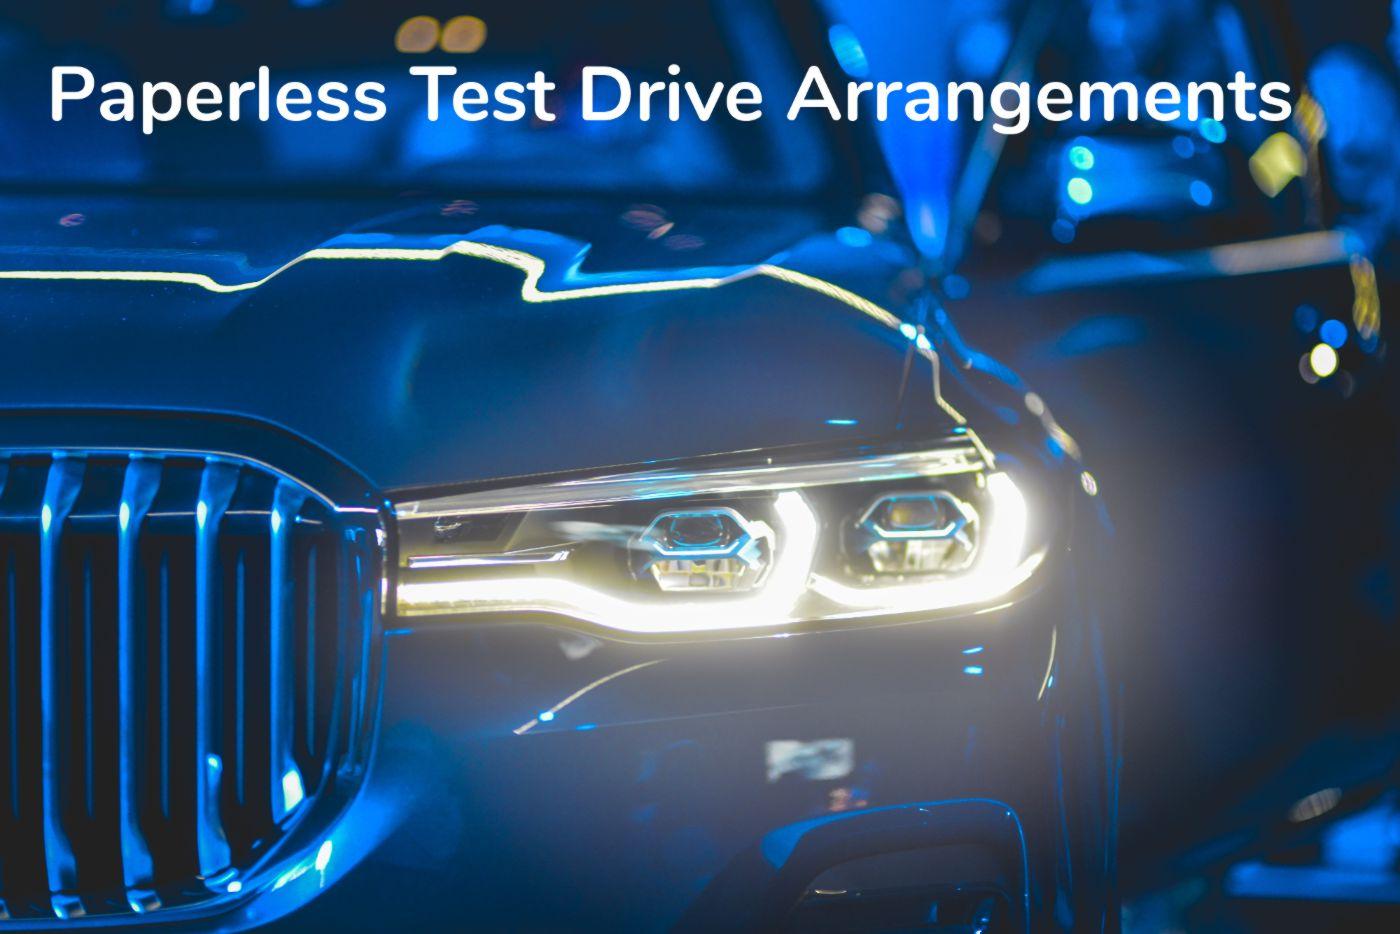 Paperless Test Drive Arrangements using surveydoc